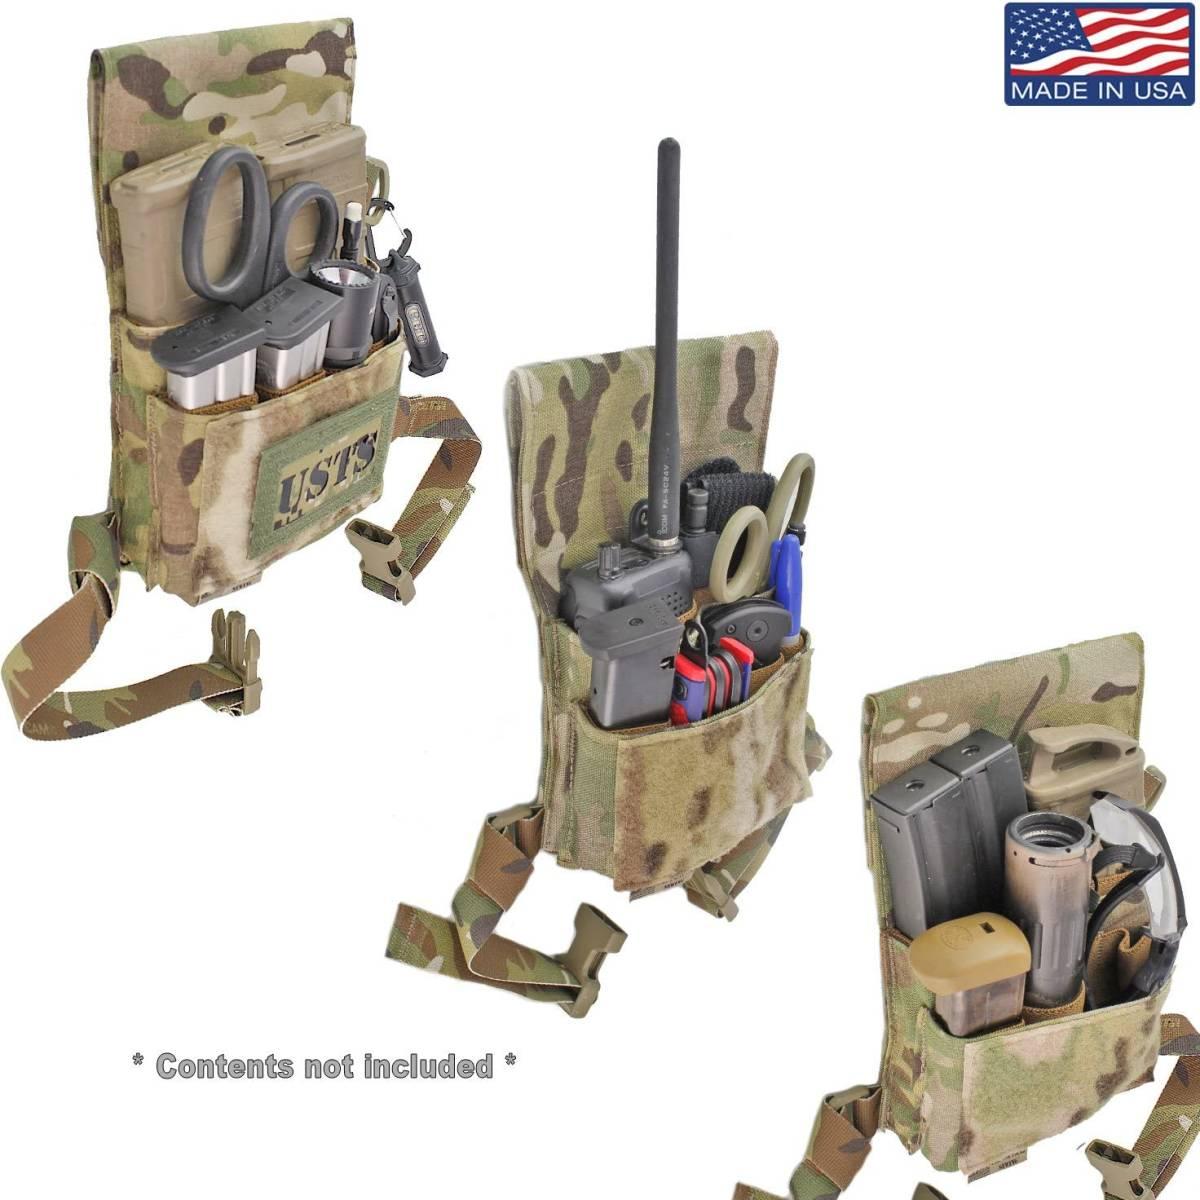 激レア 実物 USTS Adaptive Range Caddy 米軍 特殊部隊 タクティカル マガジン ポーチ ホルスター CRYE EAGLE LBT HSGI_画像2